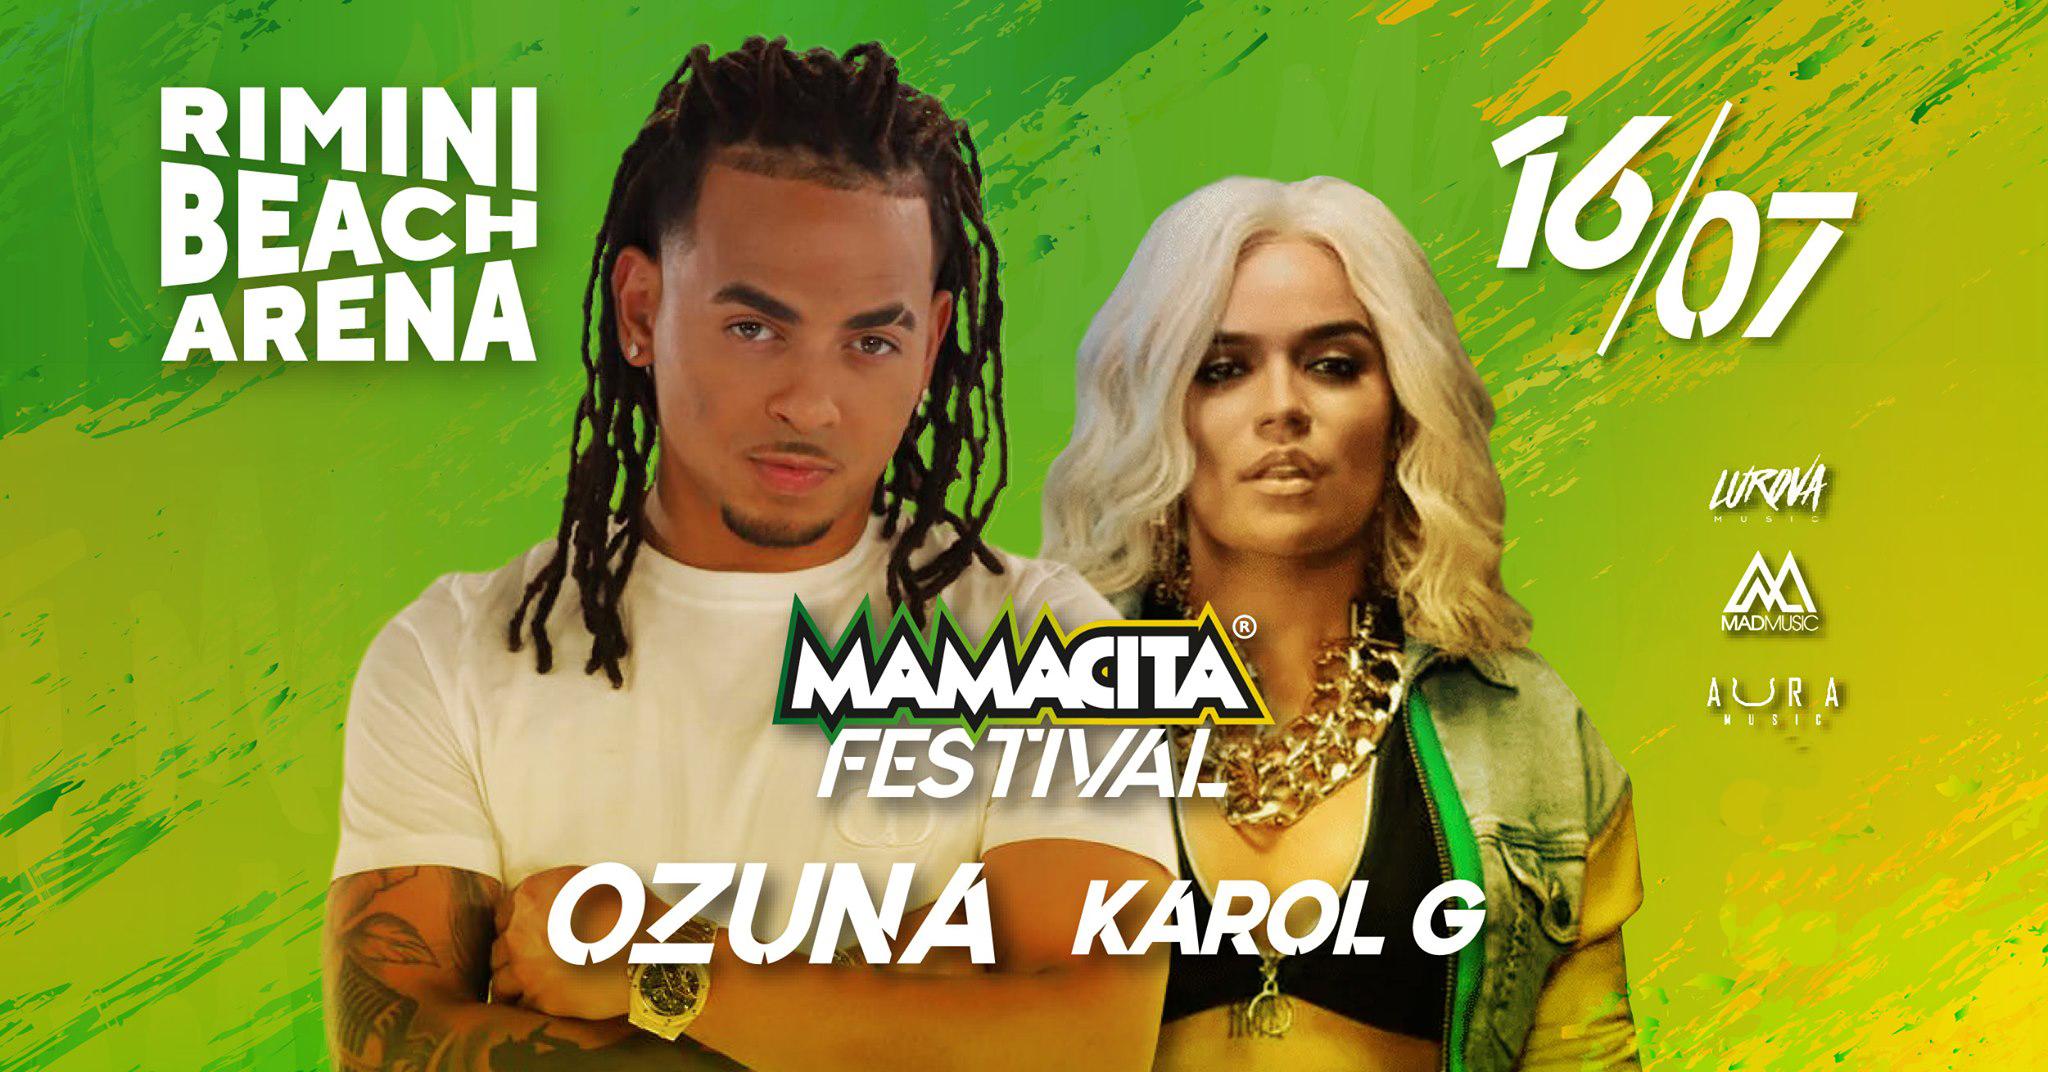 ozuna karol g mamacita festival 2021 rimini